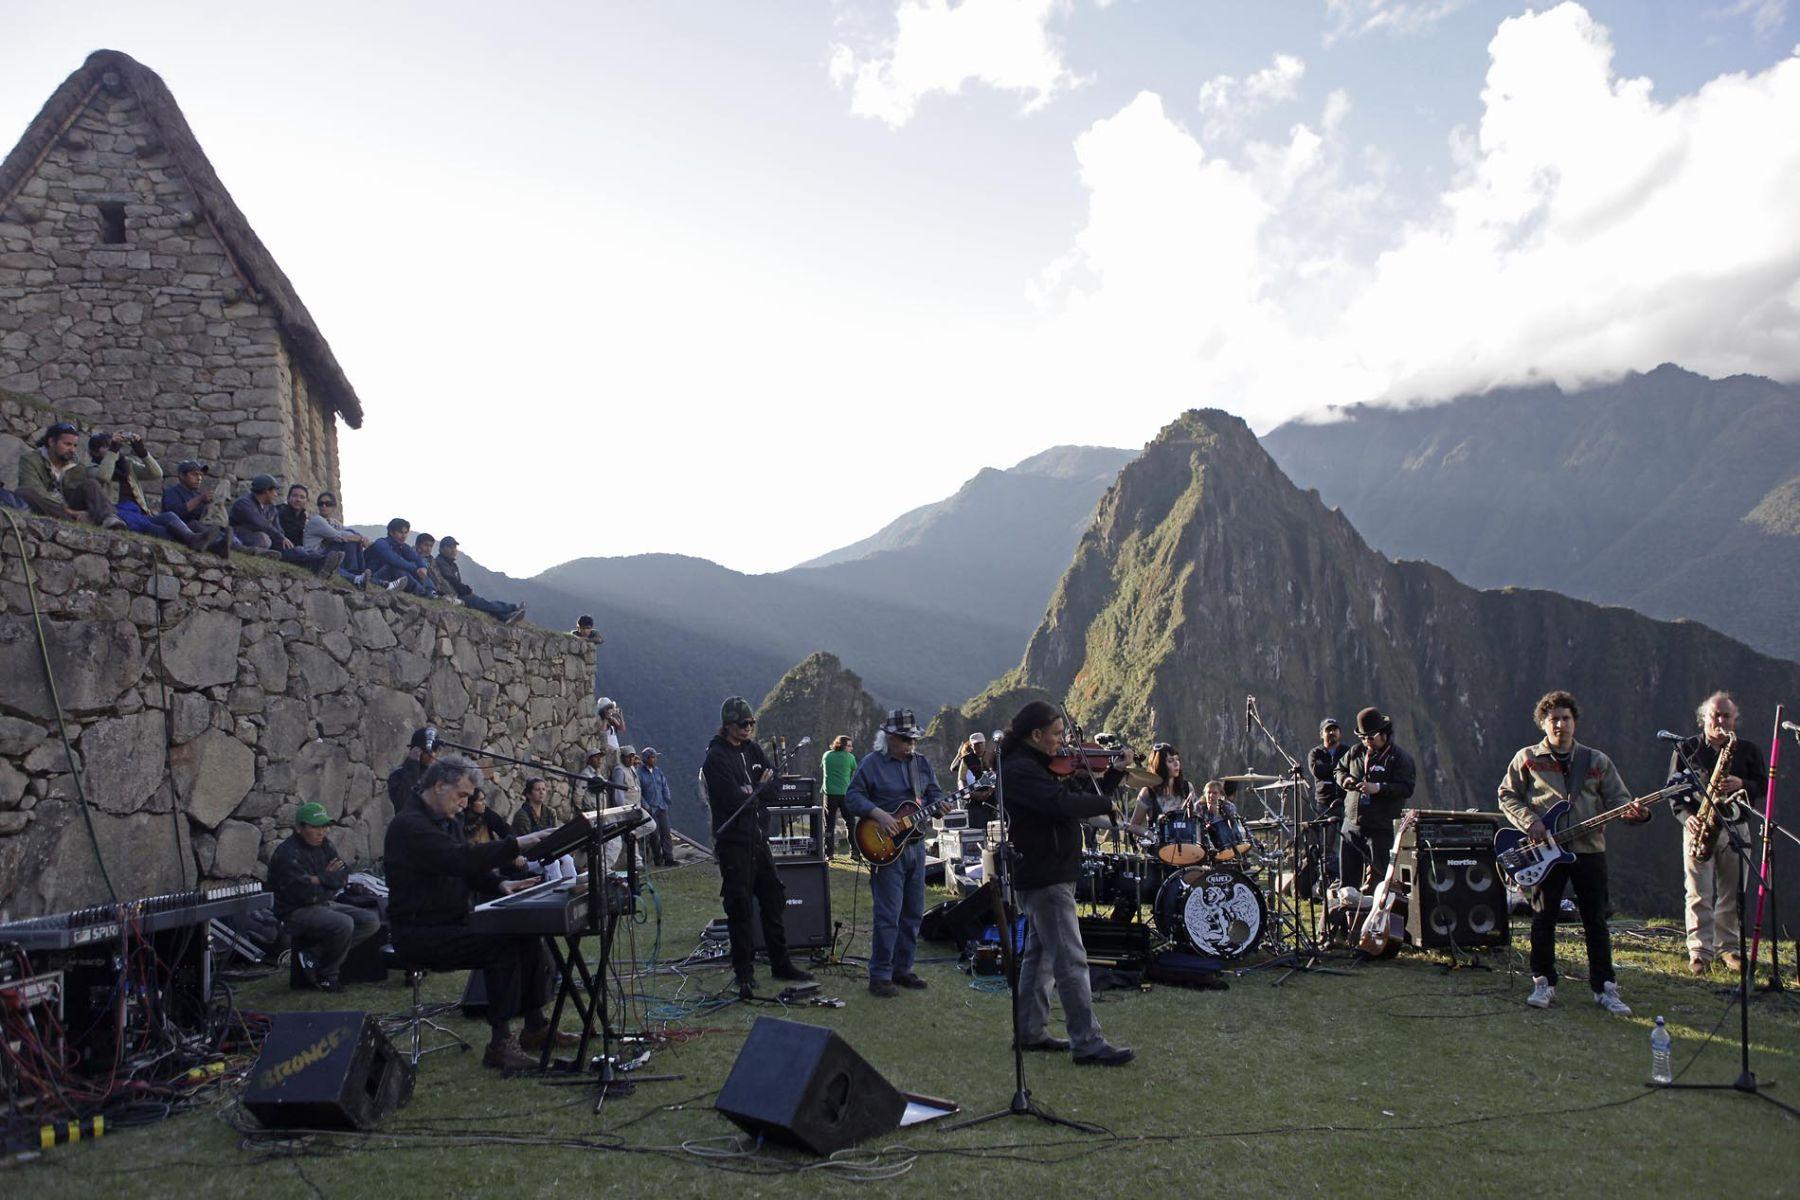 Integrantes del grupo Los Jaivas realizan pruebas de sonido, en visperas al concierto que realizarán mañana en la ciudadela de Machu Picchu. Foto: ANDINA/Alberto Orbegoso